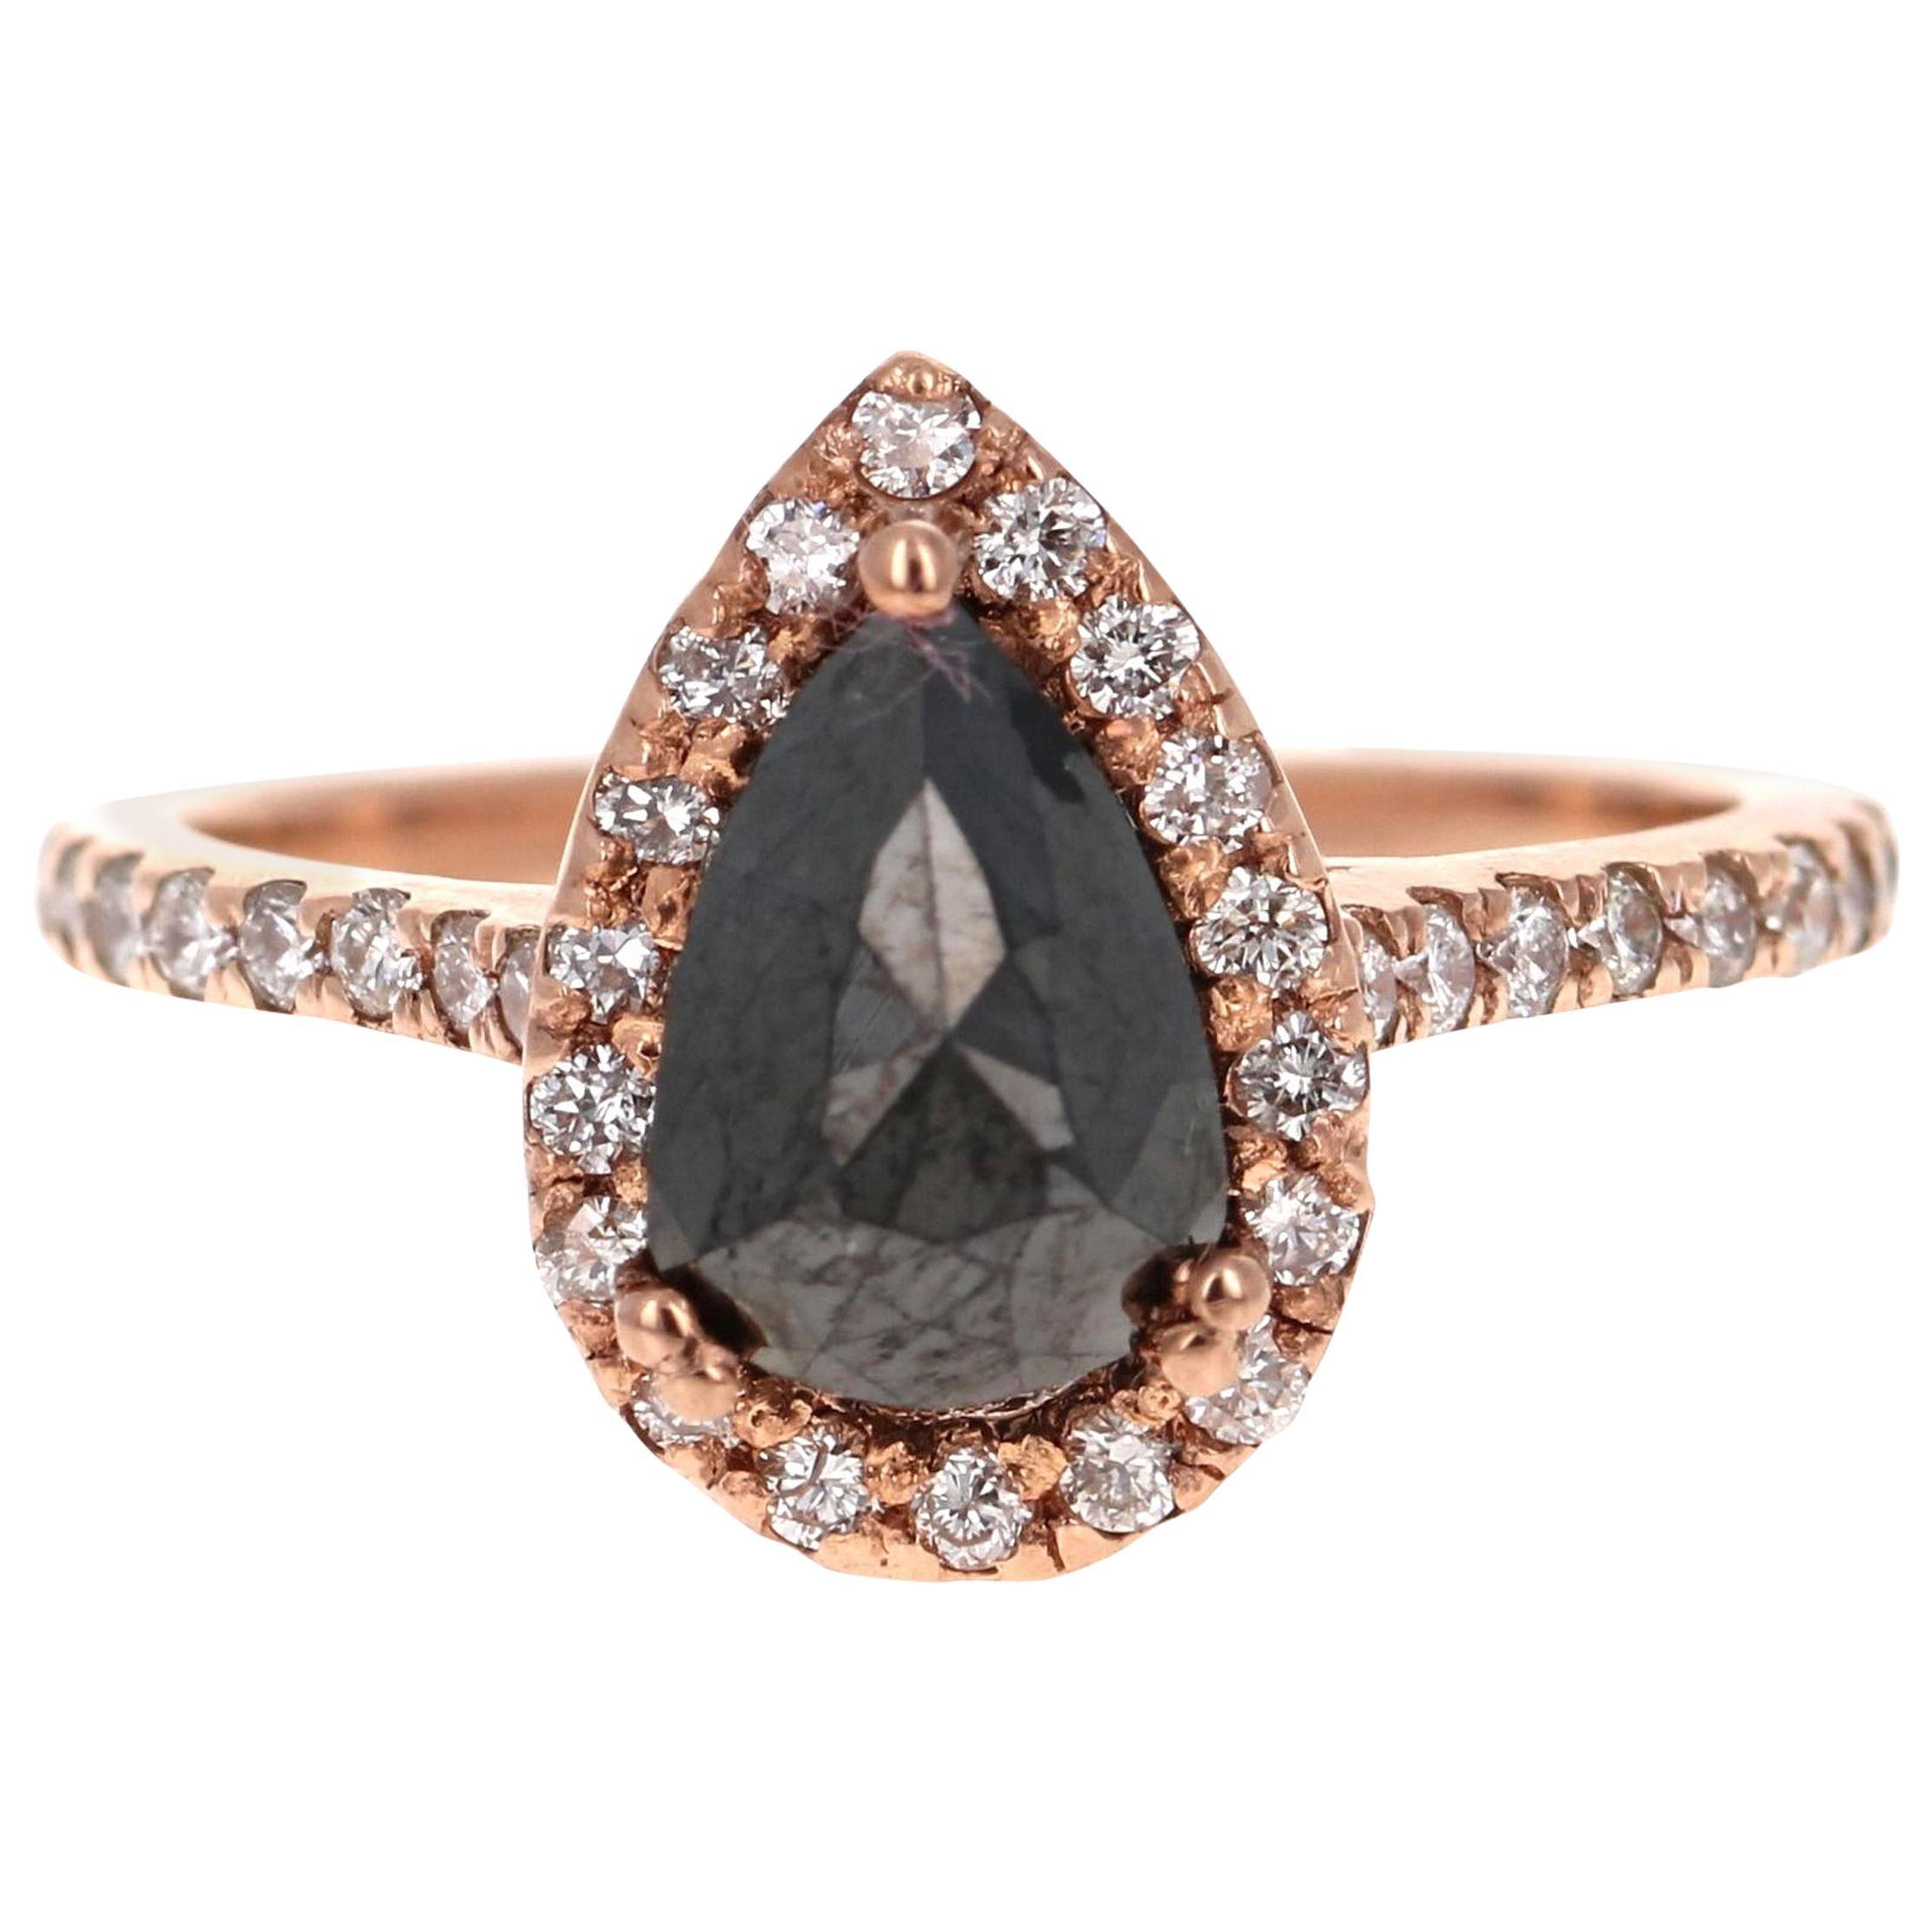 2.04 Carat Pear Cut Black Diamond 14 Karat Rose Gold Engagement Ring